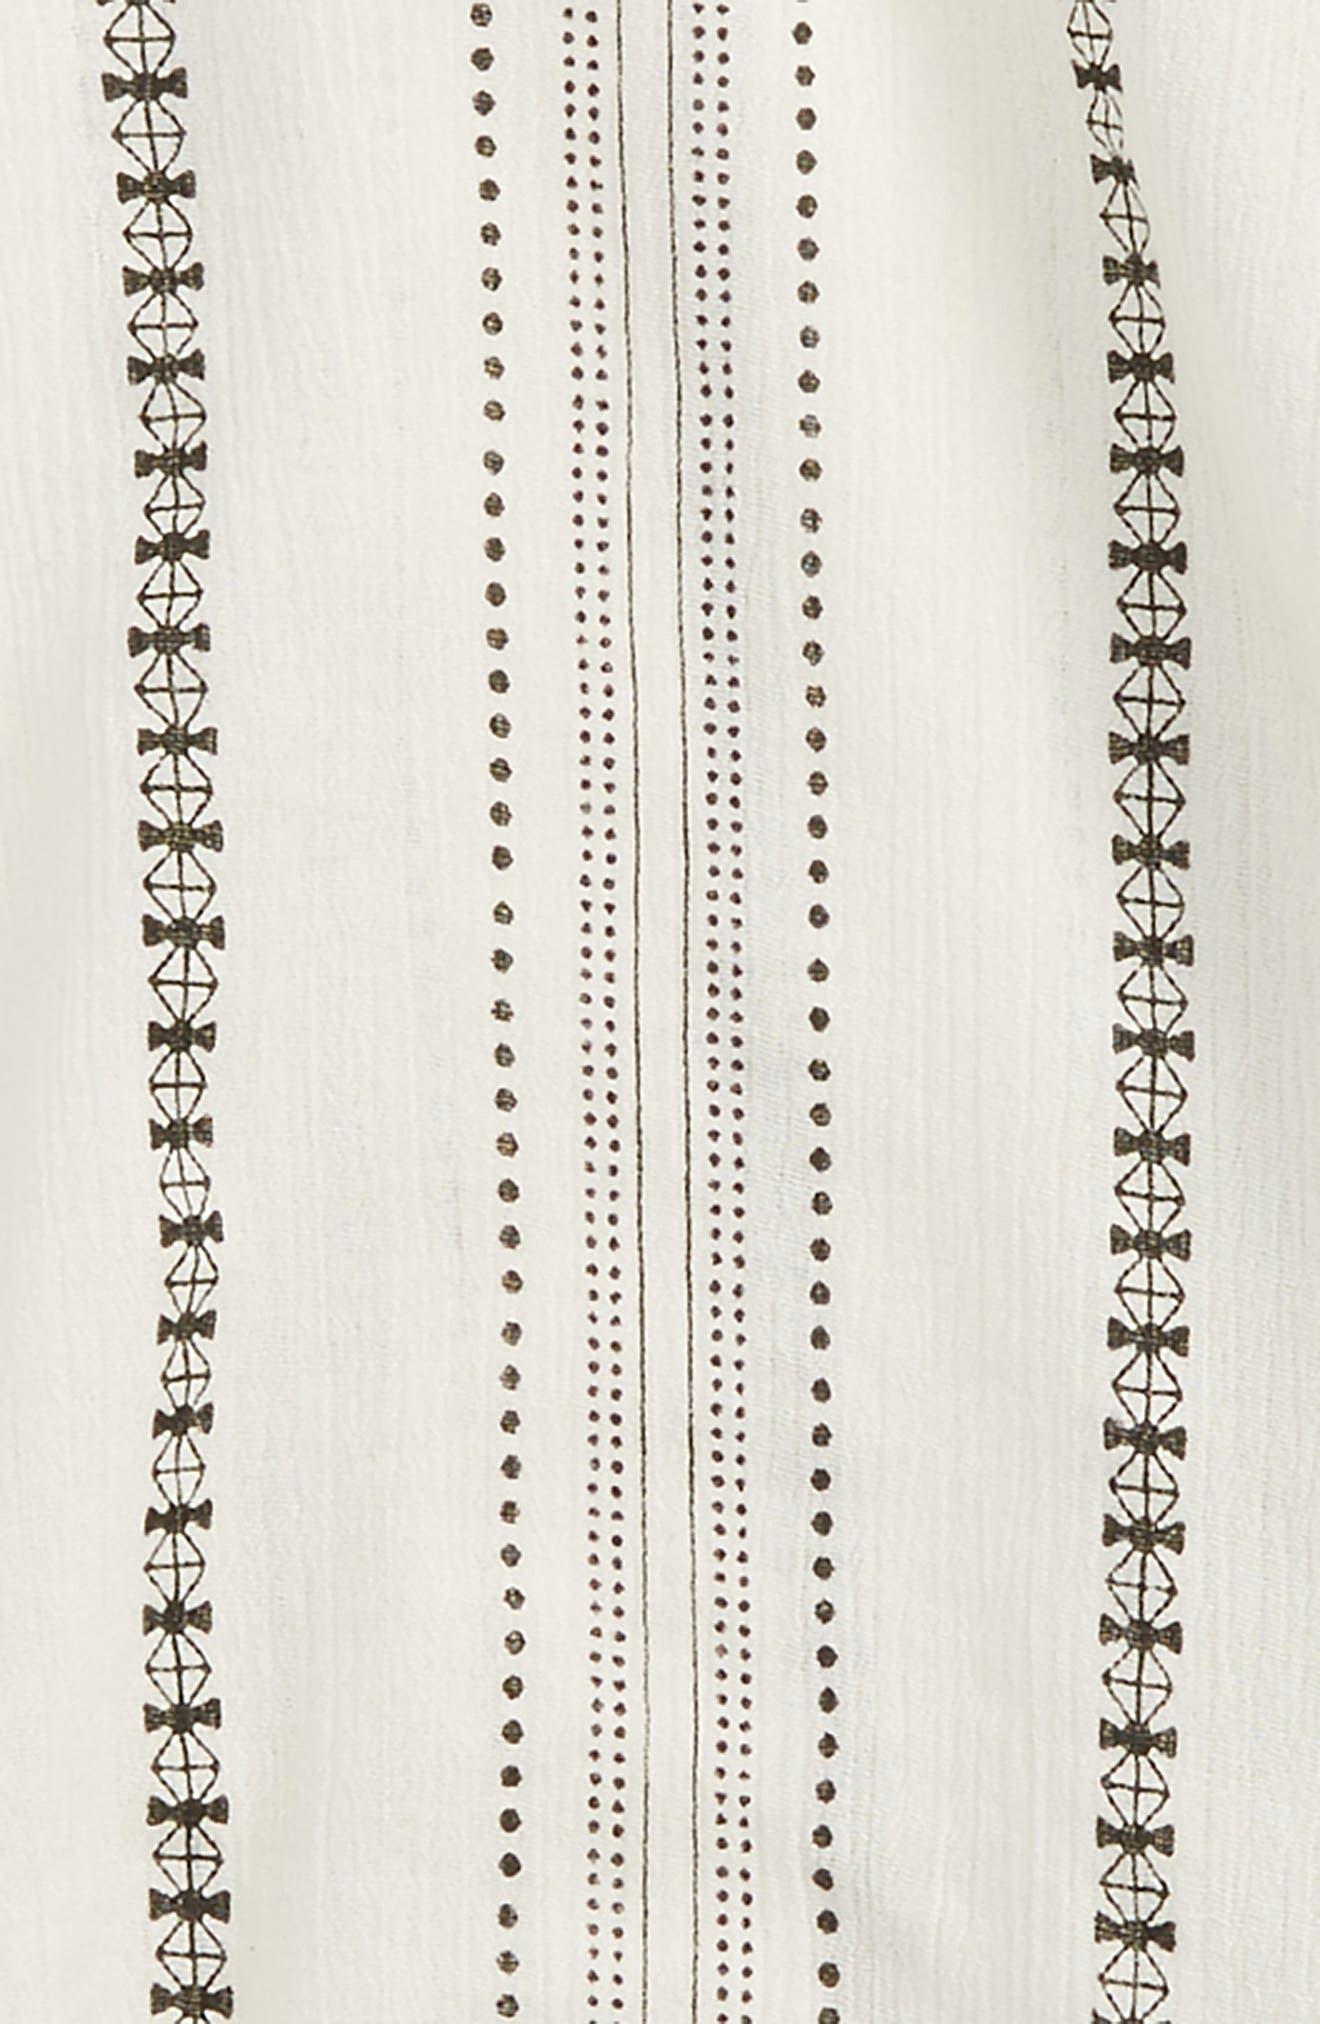 Cold Shoulder Top,                             Alternate thumbnail 2, color,                             Ivory Egret Pattern Stripe